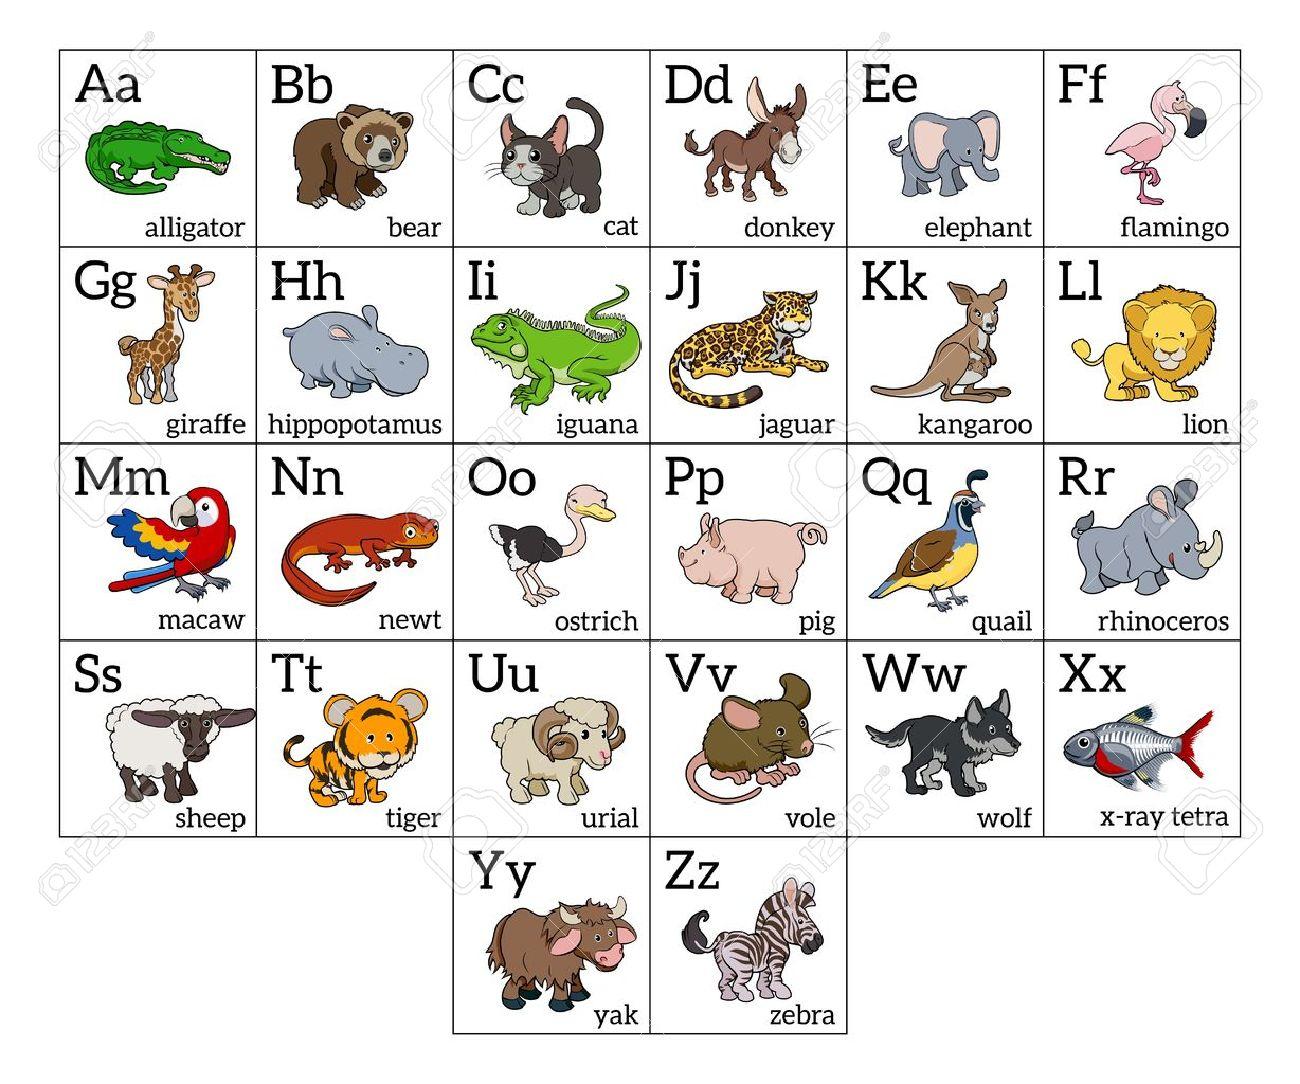 Cartoon Alphabet Animal Apprendre Graphique Avec Une Illustration Des  Animaux De Dessin Animé Pour Chaque Lettre Et Les Majuscules Et Les  Minuscules concernant Apprendre Le Nom Des Animaux